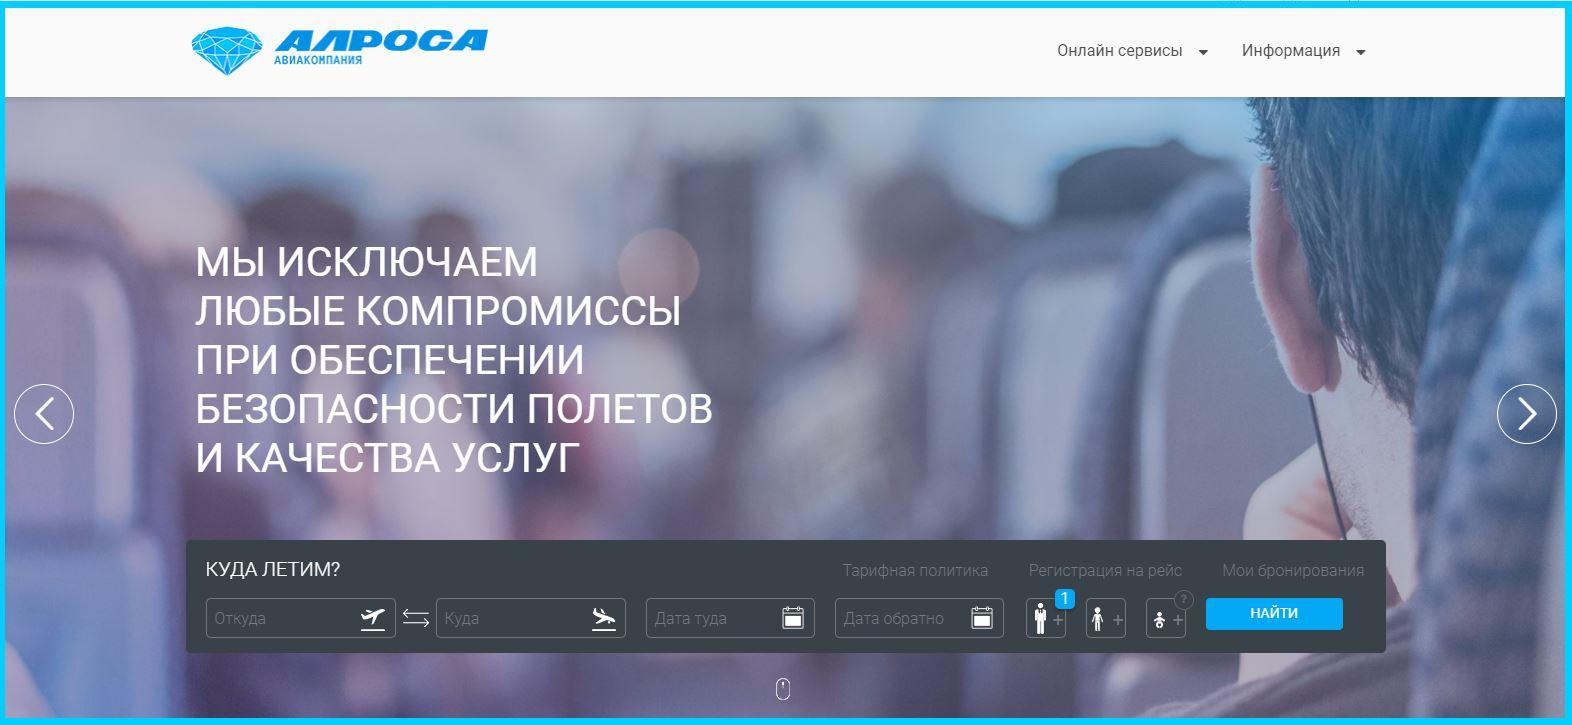 Официальный сайт авиакомпании